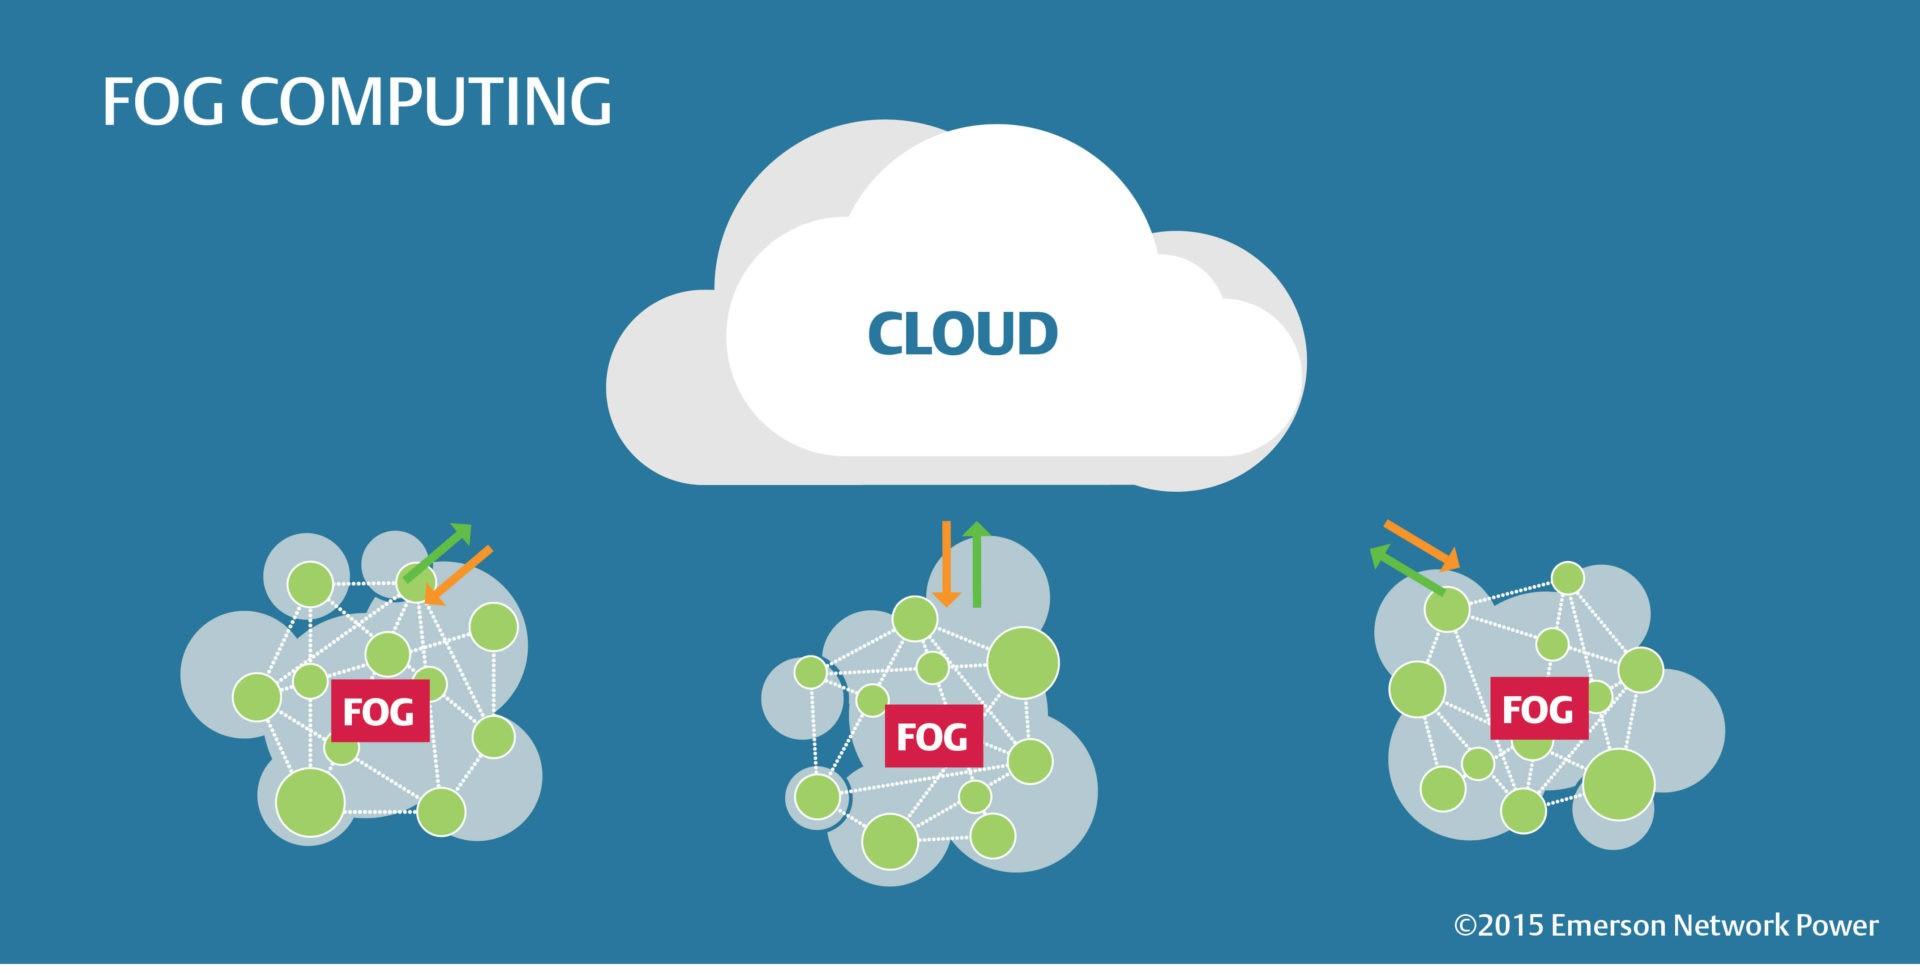 Primero la nube (cloud), ahora la niebla (fog computing)